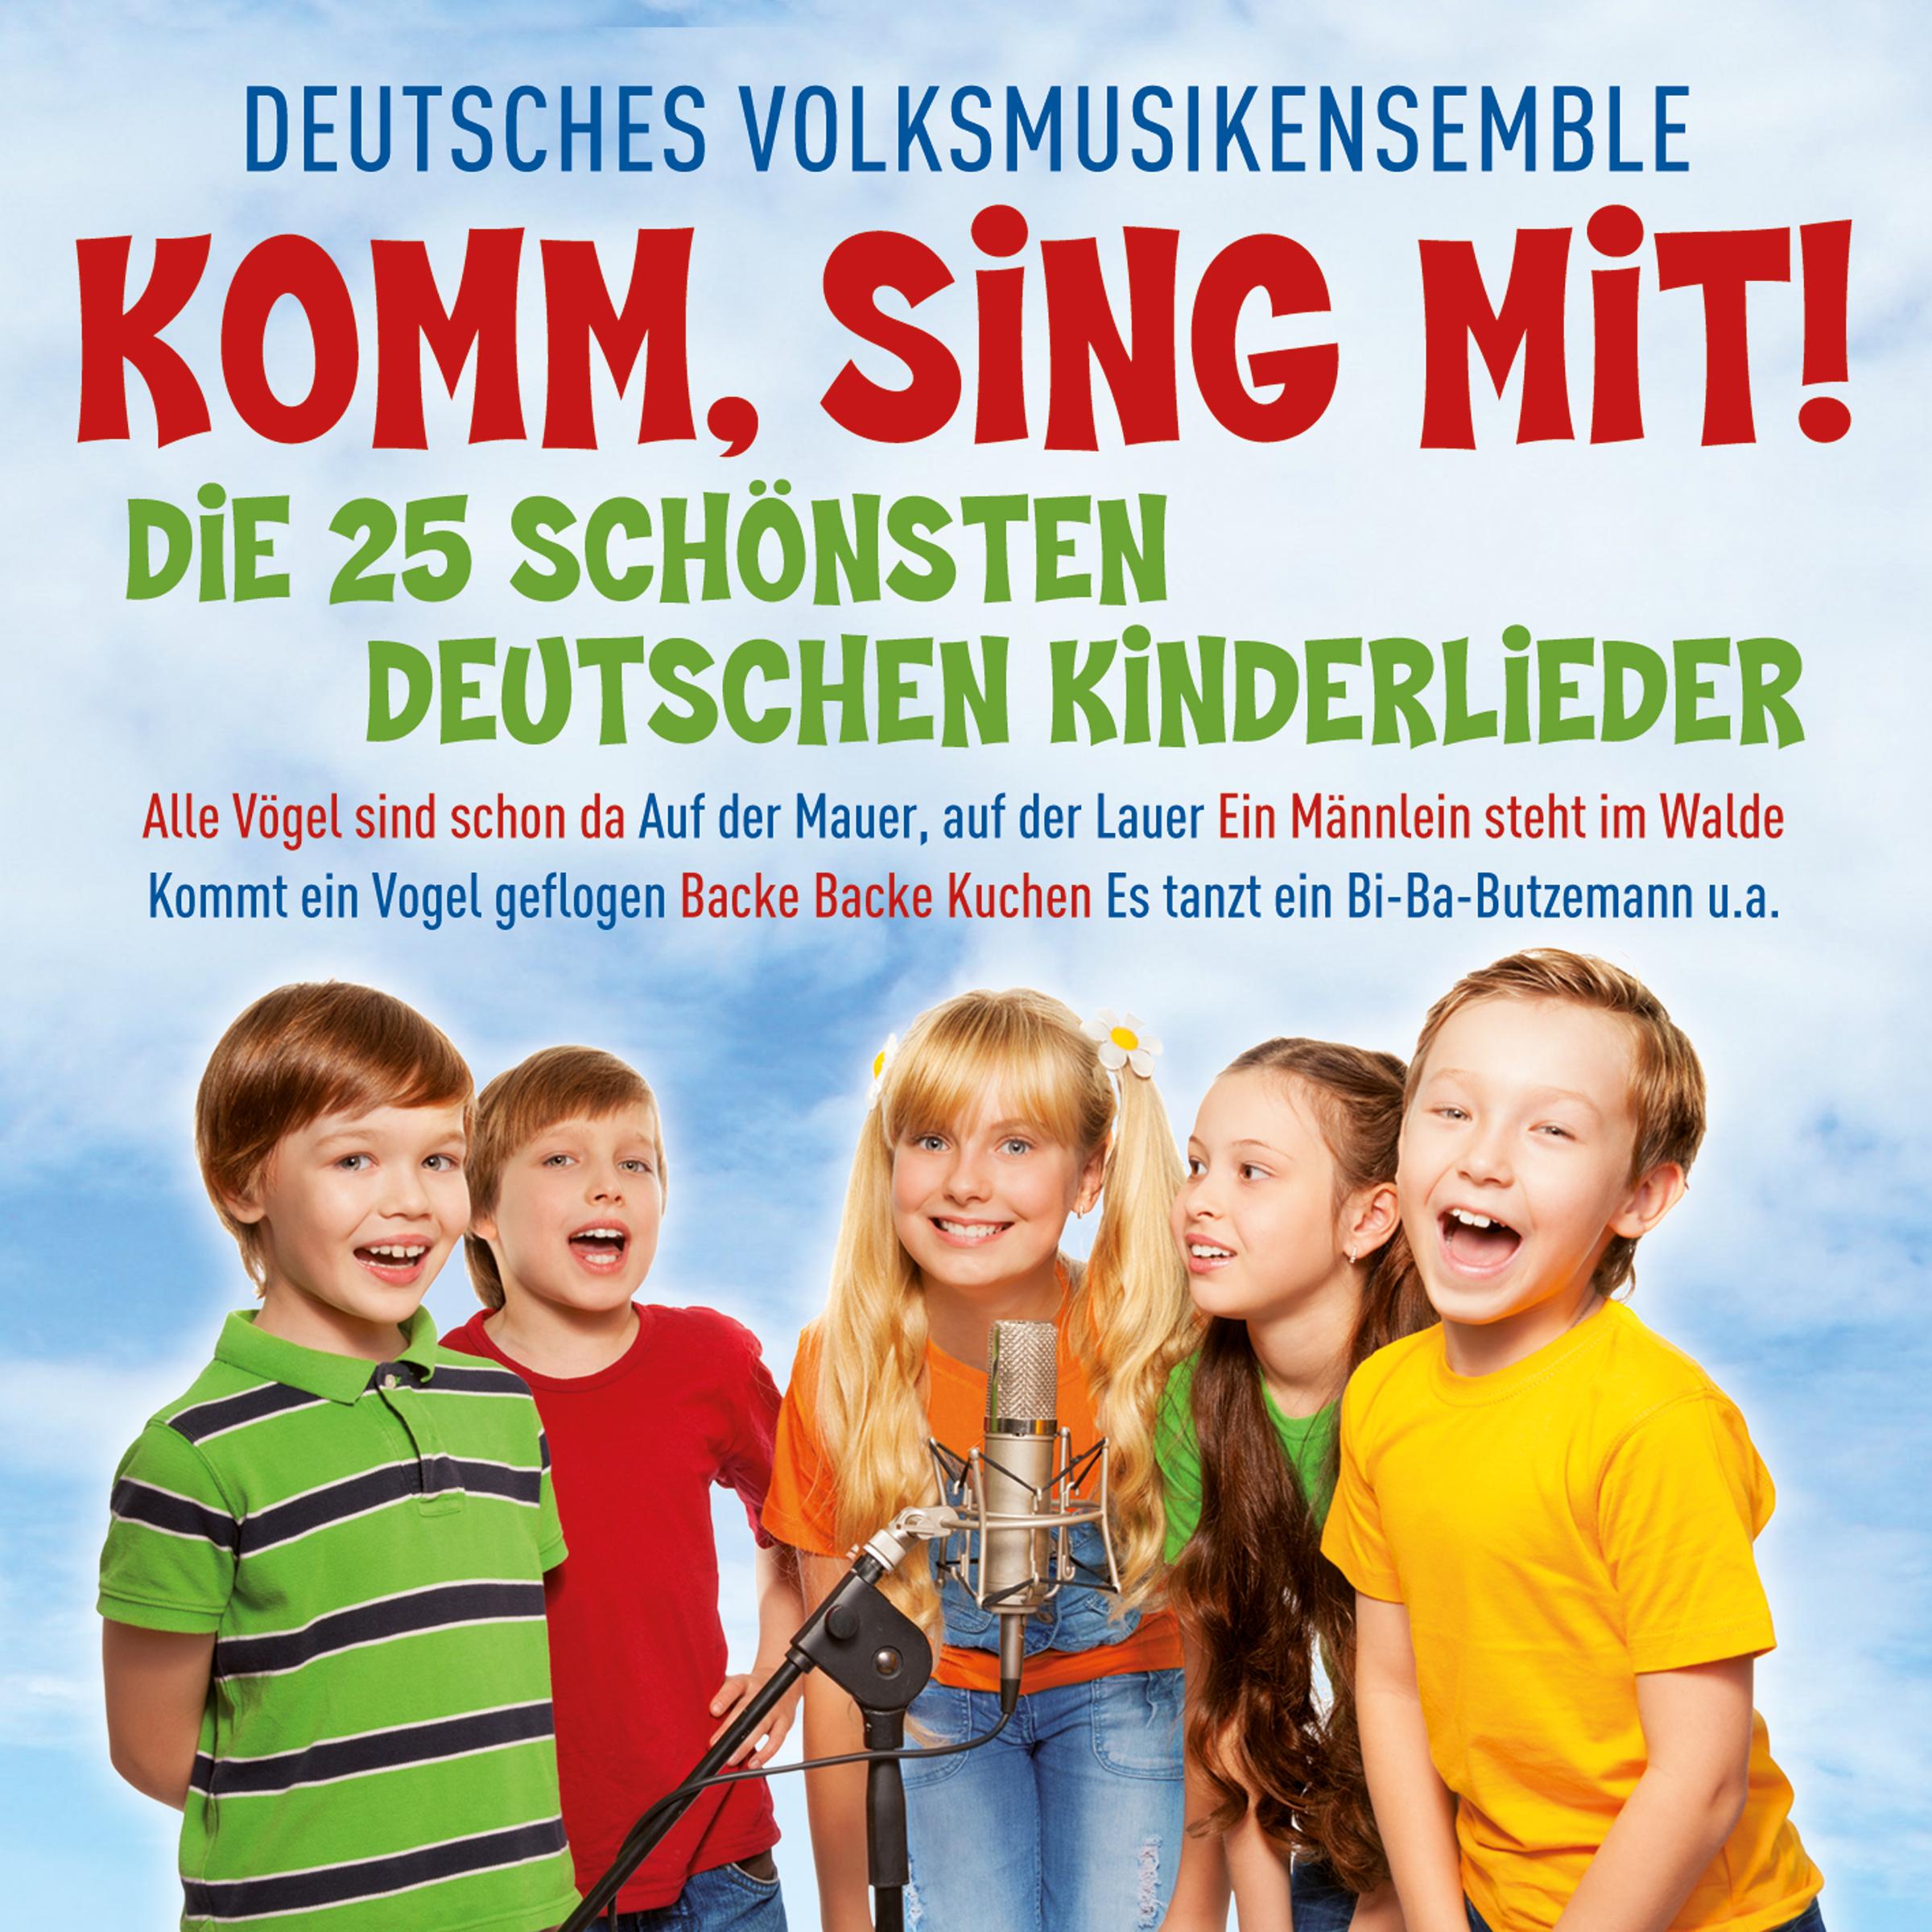 komm sing mit die 25 sch nsten deutschen kinderlieder. Black Bedroom Furniture Sets. Home Design Ideas